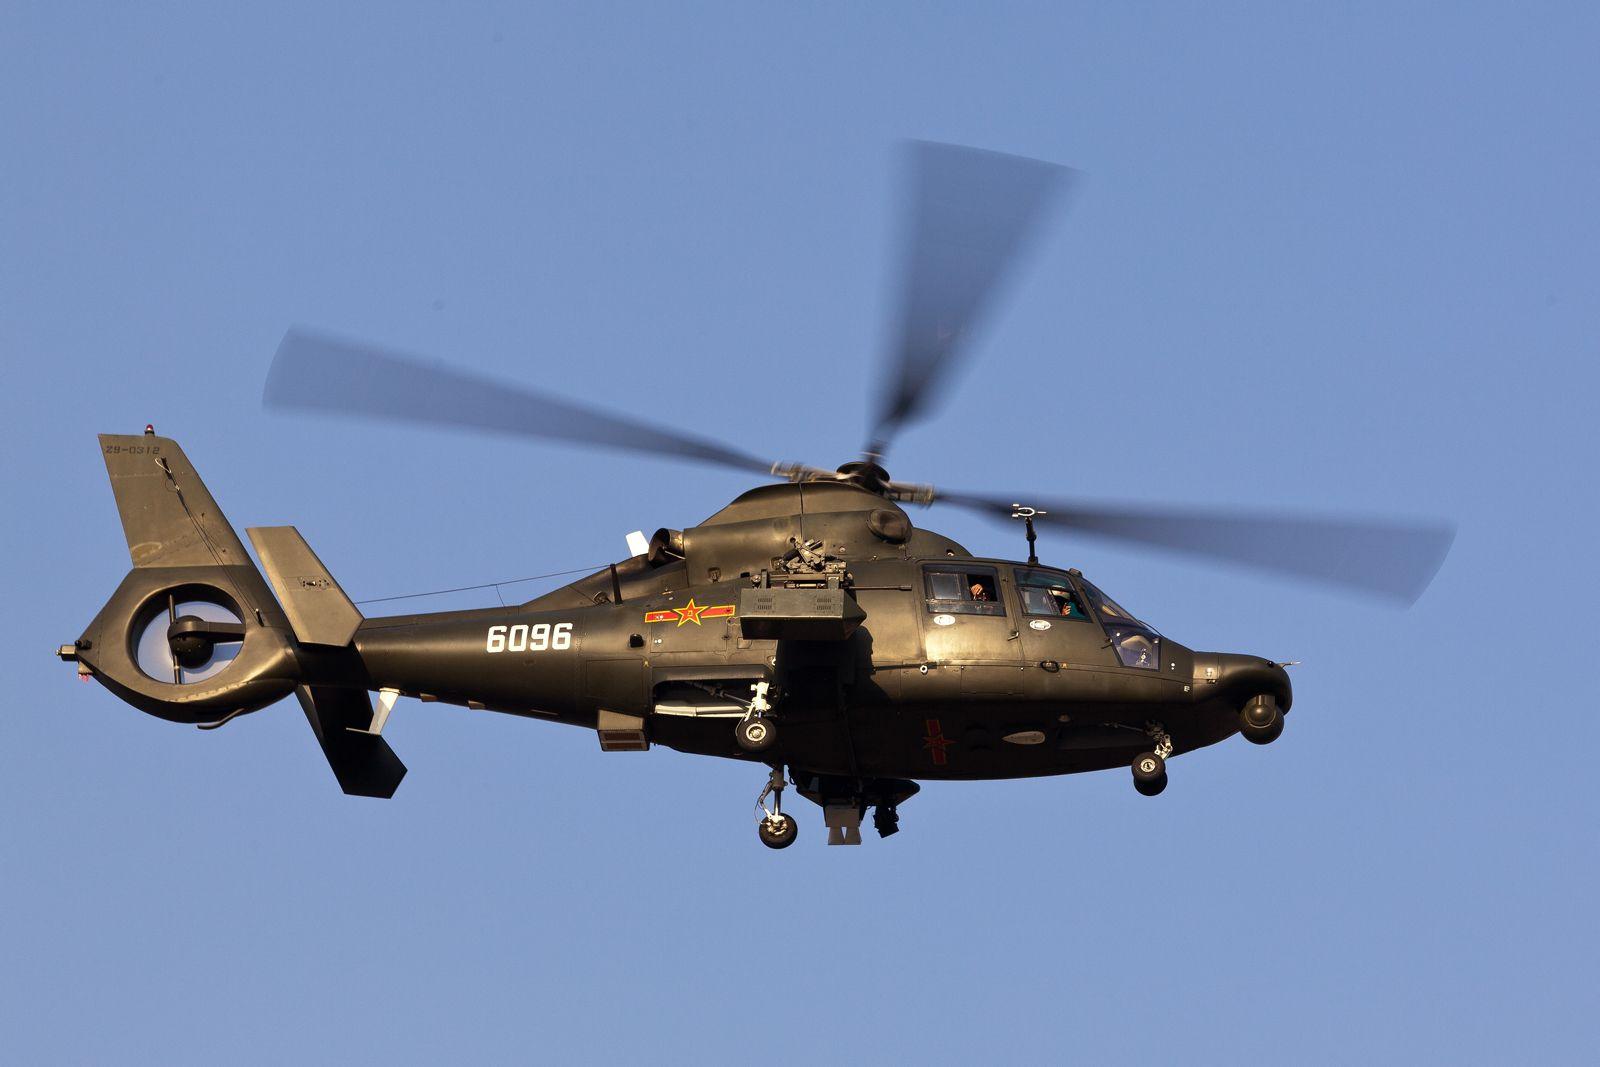 抽愈9.'z(�9.l��j_中国的z-10武装直升机续航能力是无副油箱也是5小时挂载副油箱是7小时